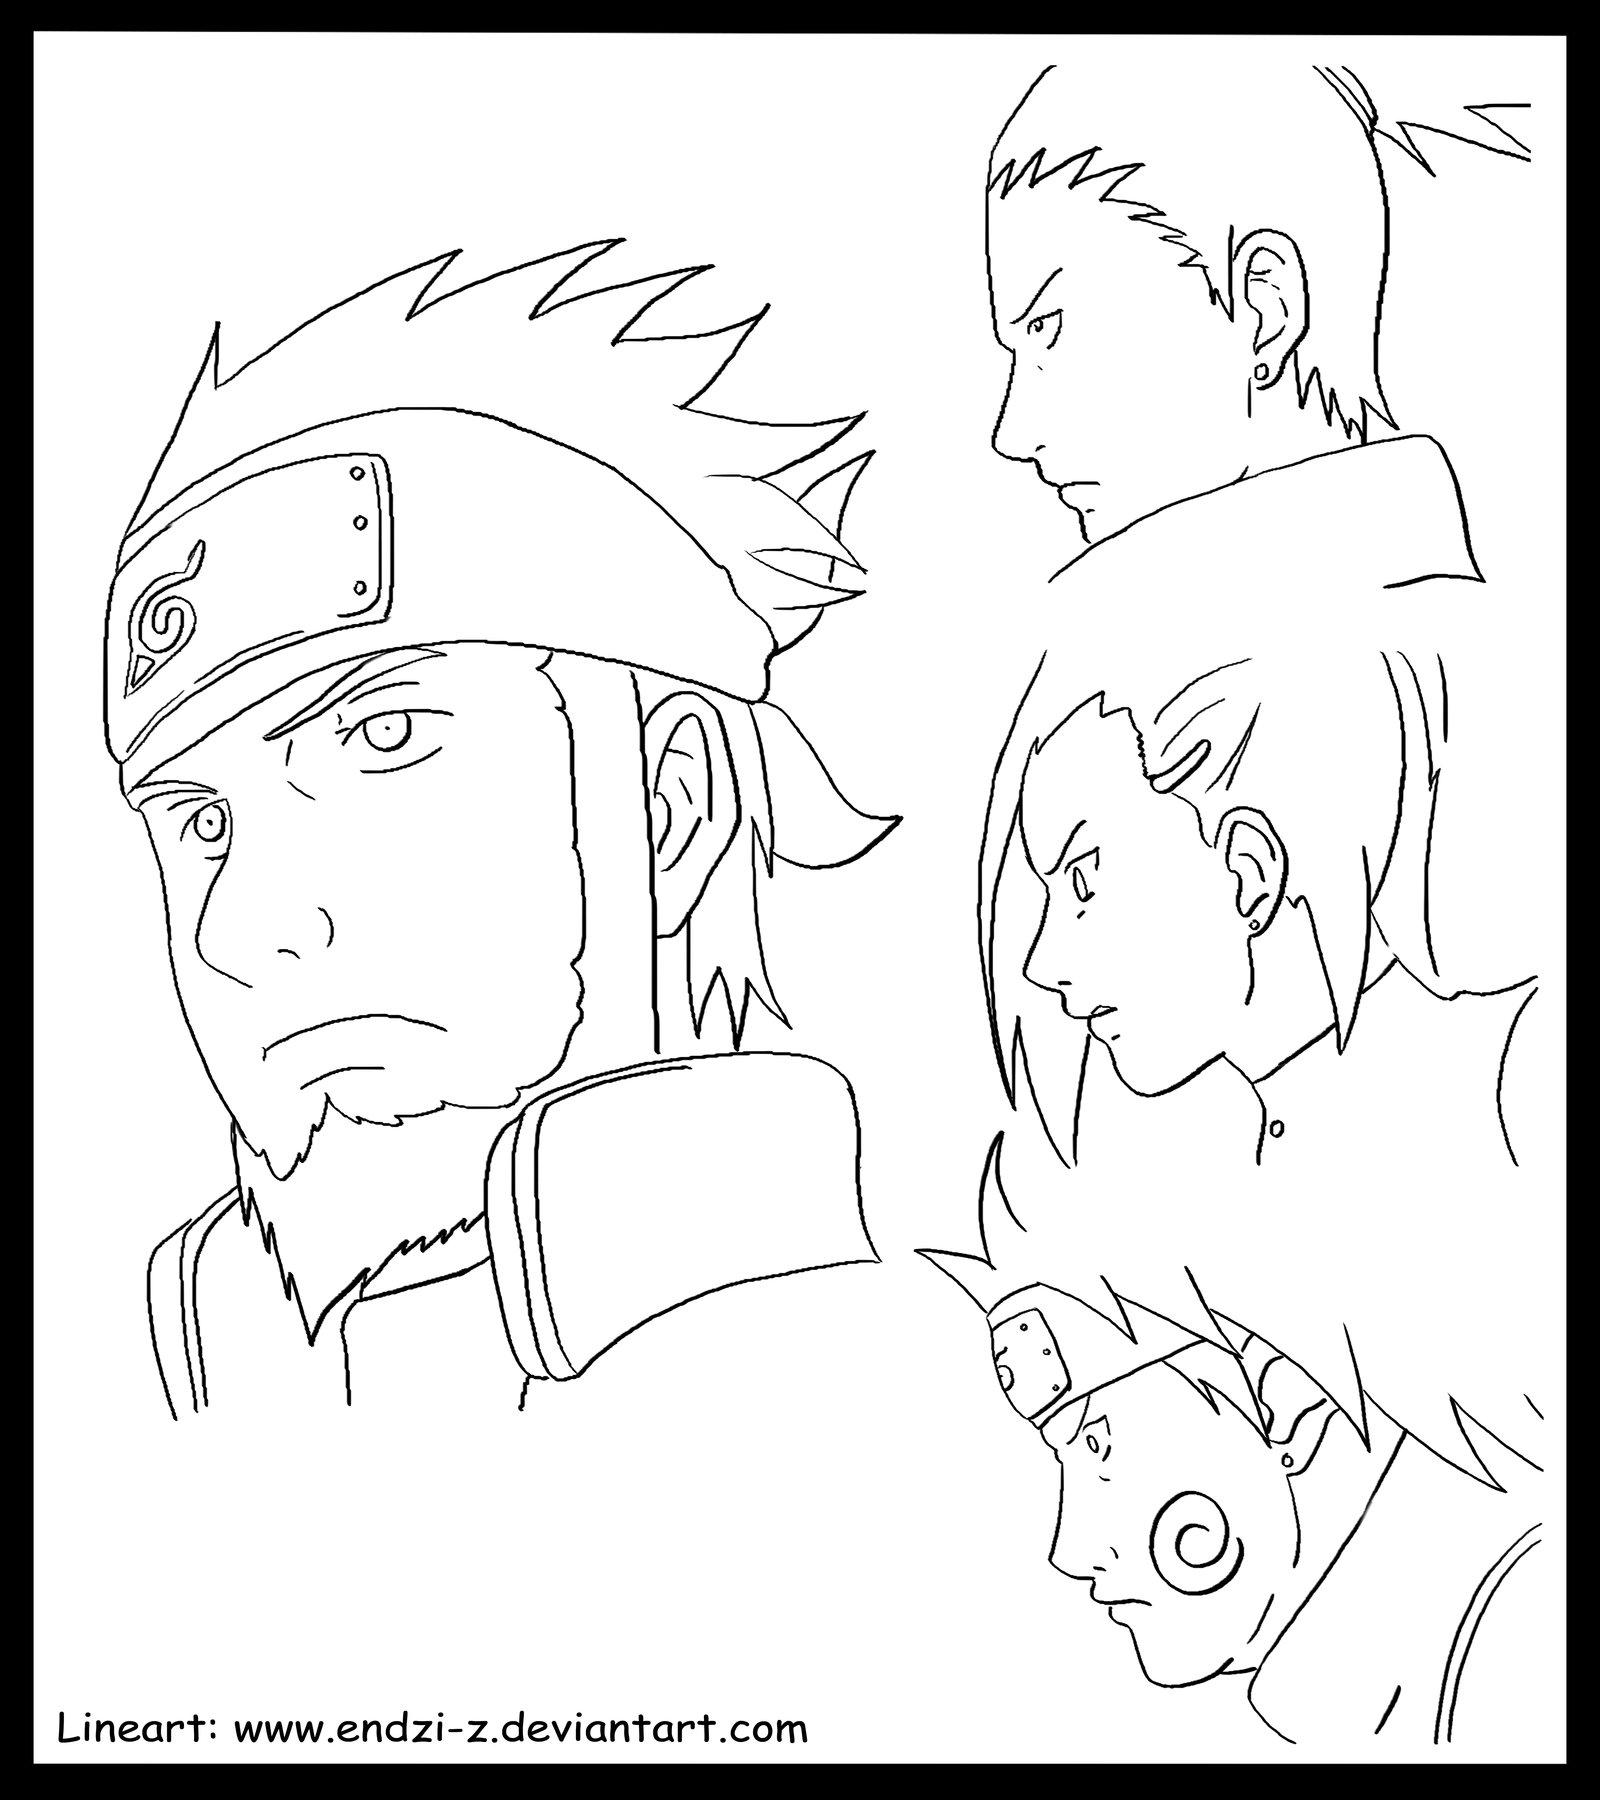 Endzi z zerochan anime image board for Jiraiya coloring pages